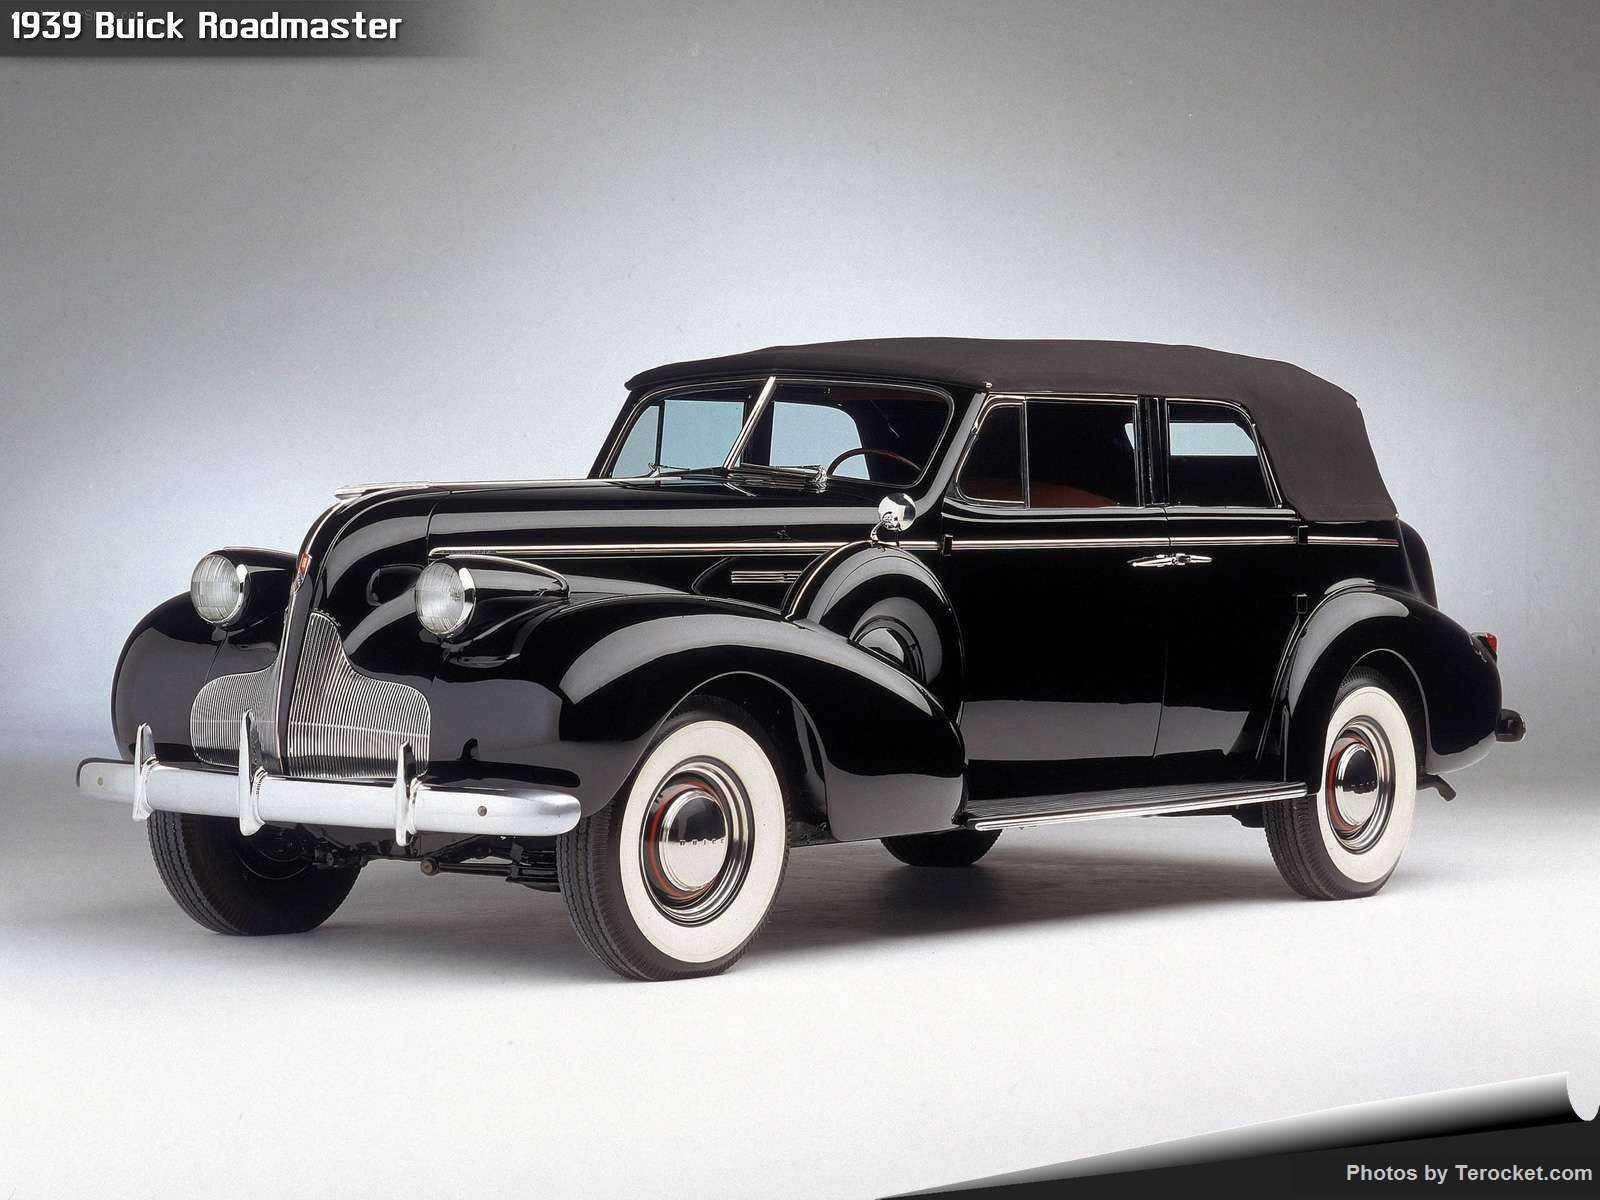 Hình ảnh xe ô tô Buick Roadmaster 1939 & nội ngoại thất